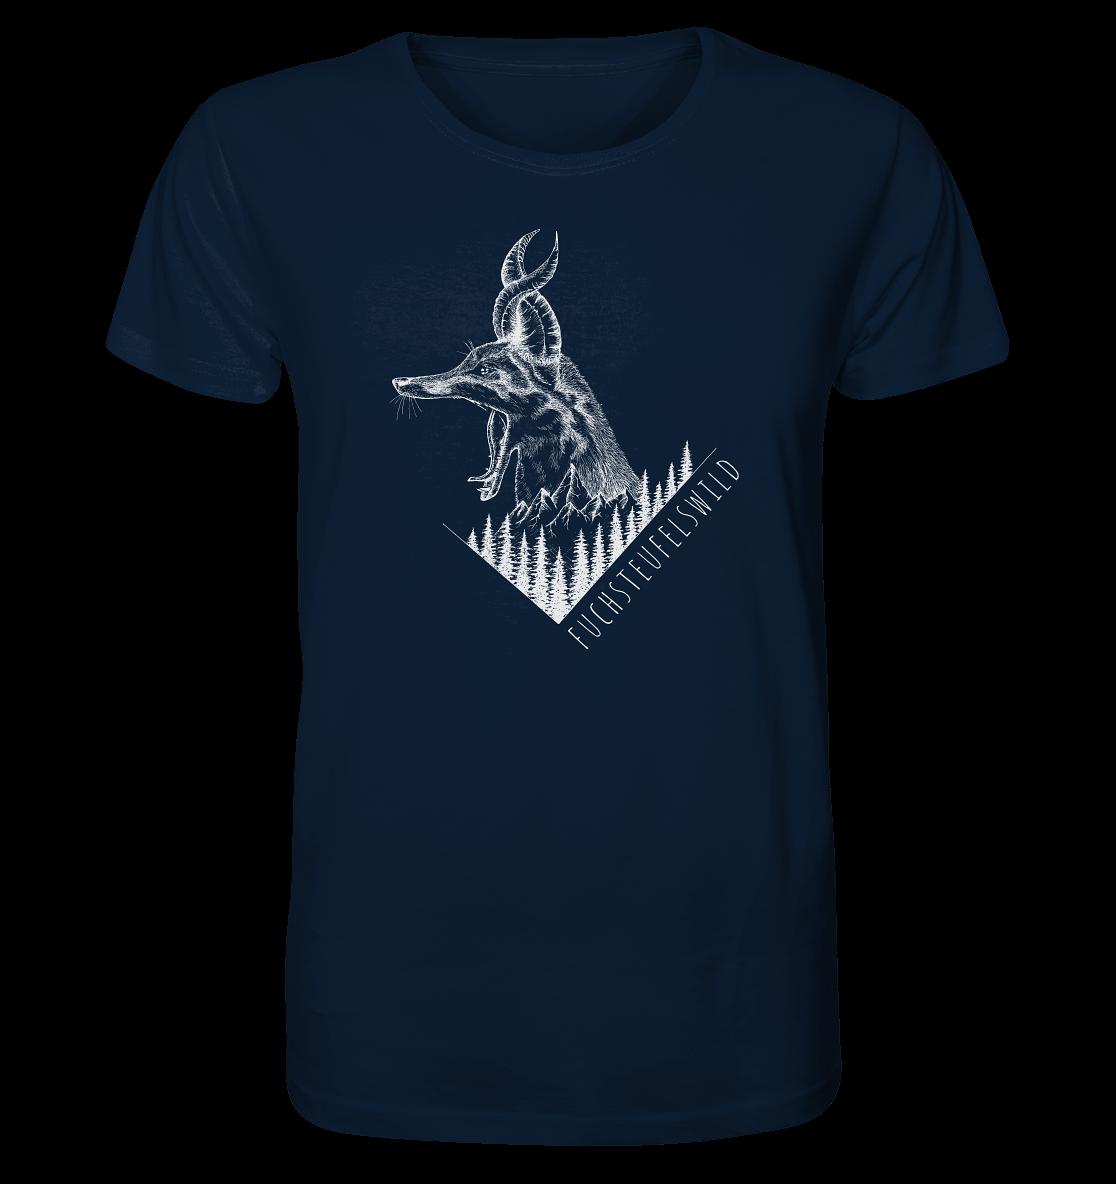 front-organic-shirt-0e2035-1116x-3.png